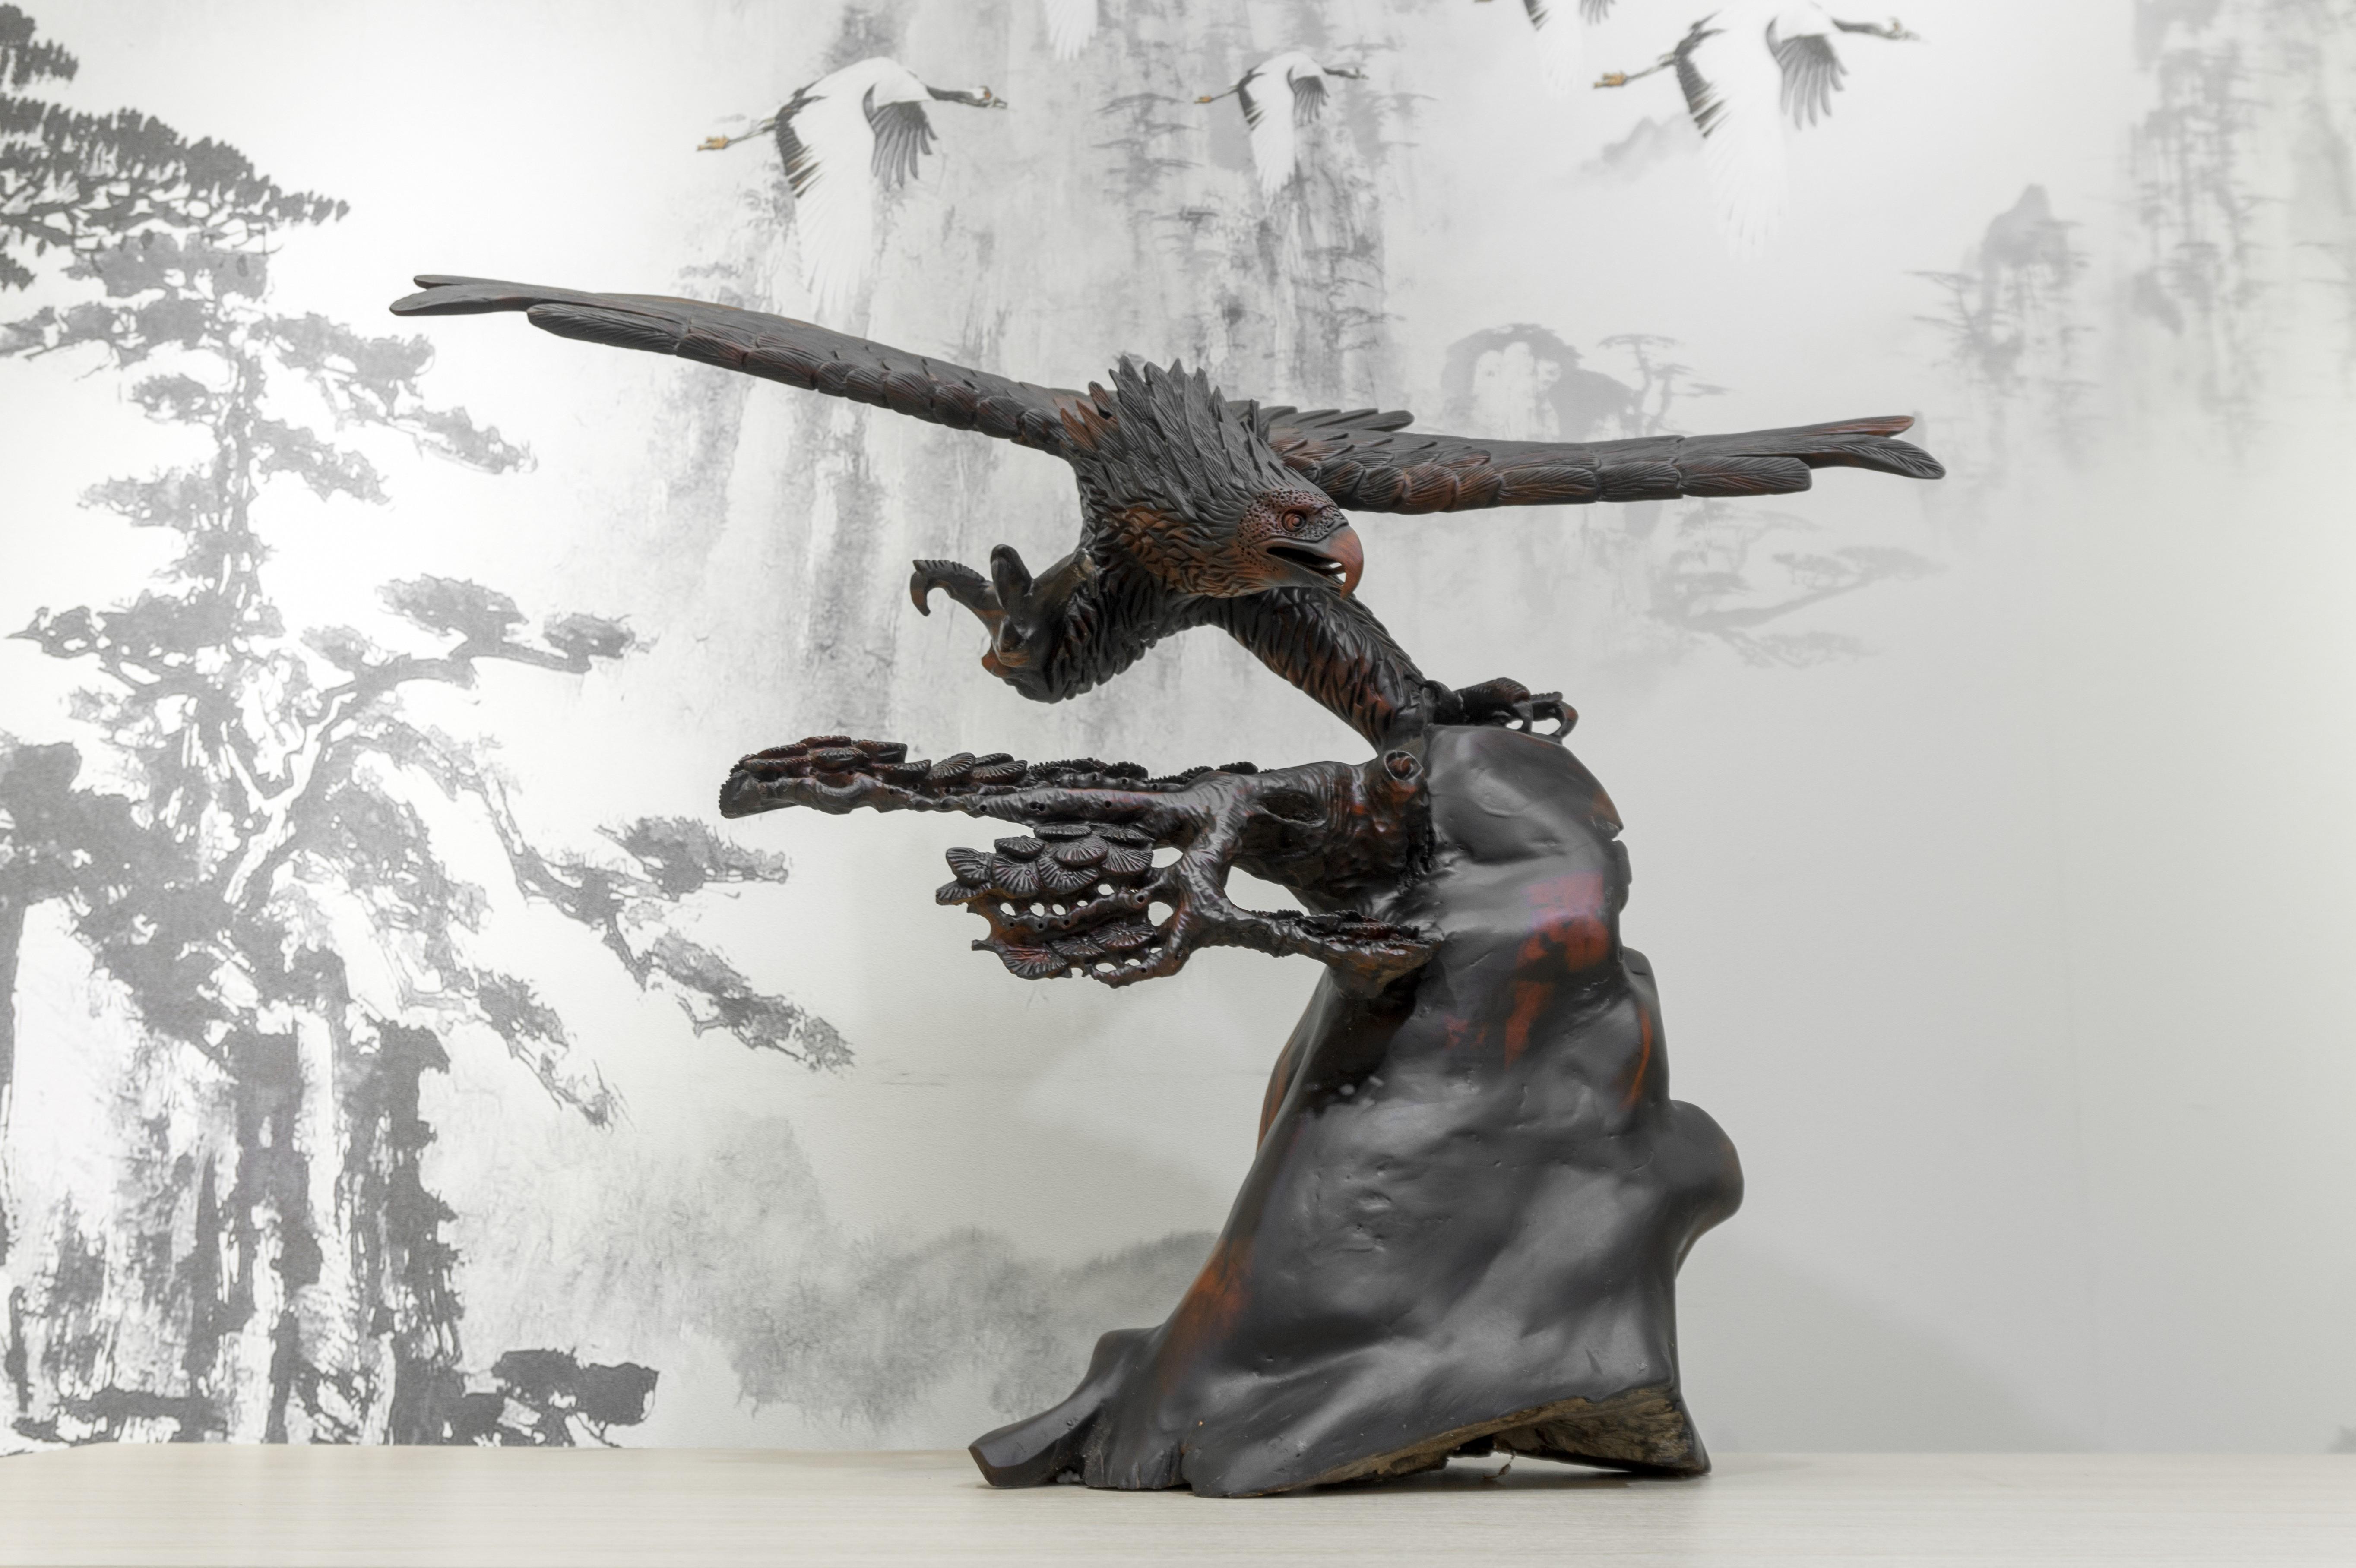 Tượng gỗ mỹ nghệ- Đại bàng giương cánh- gỗ trắc đỏ đen